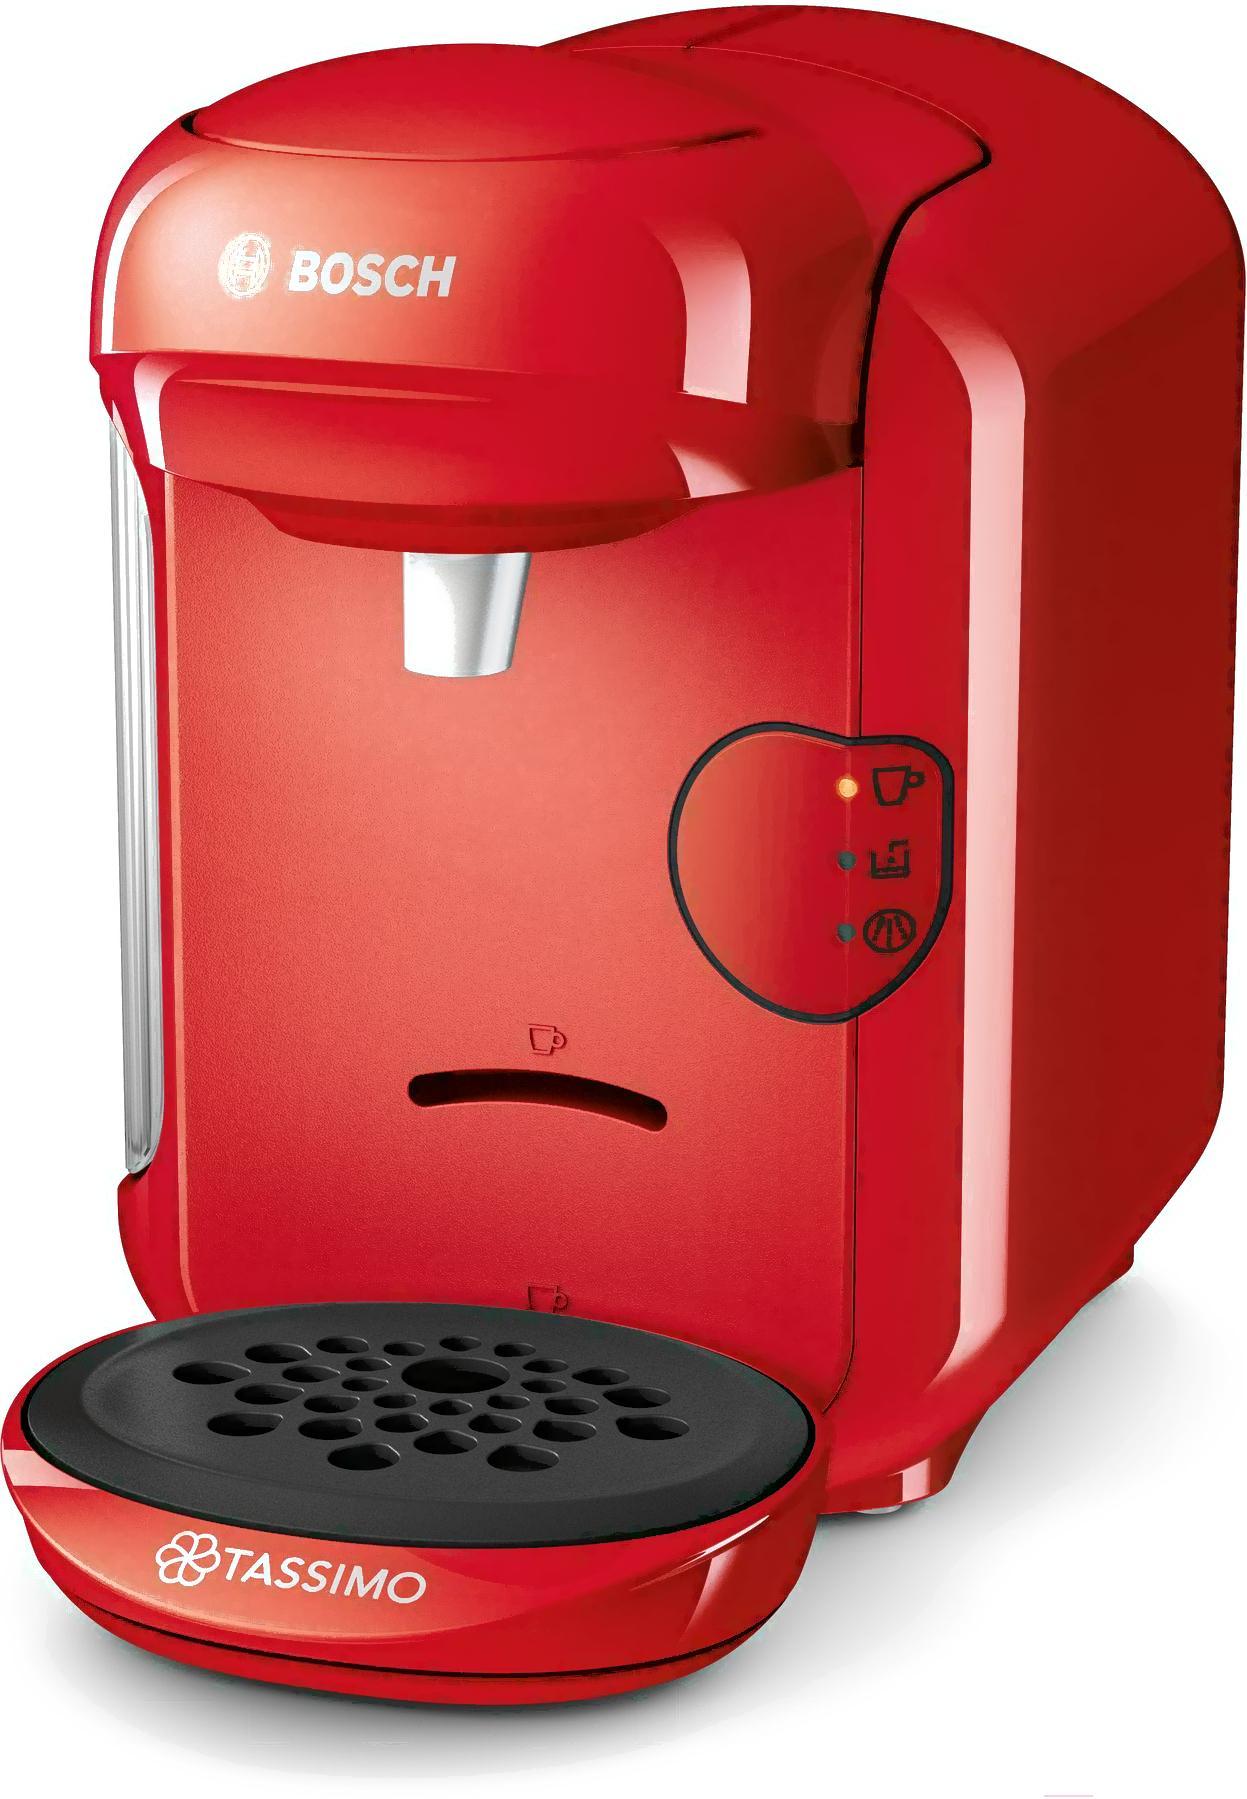 Капсульная кофемашина Bosch Tassimo Vivy II TAS1403, красный Уцененный товар (№47)